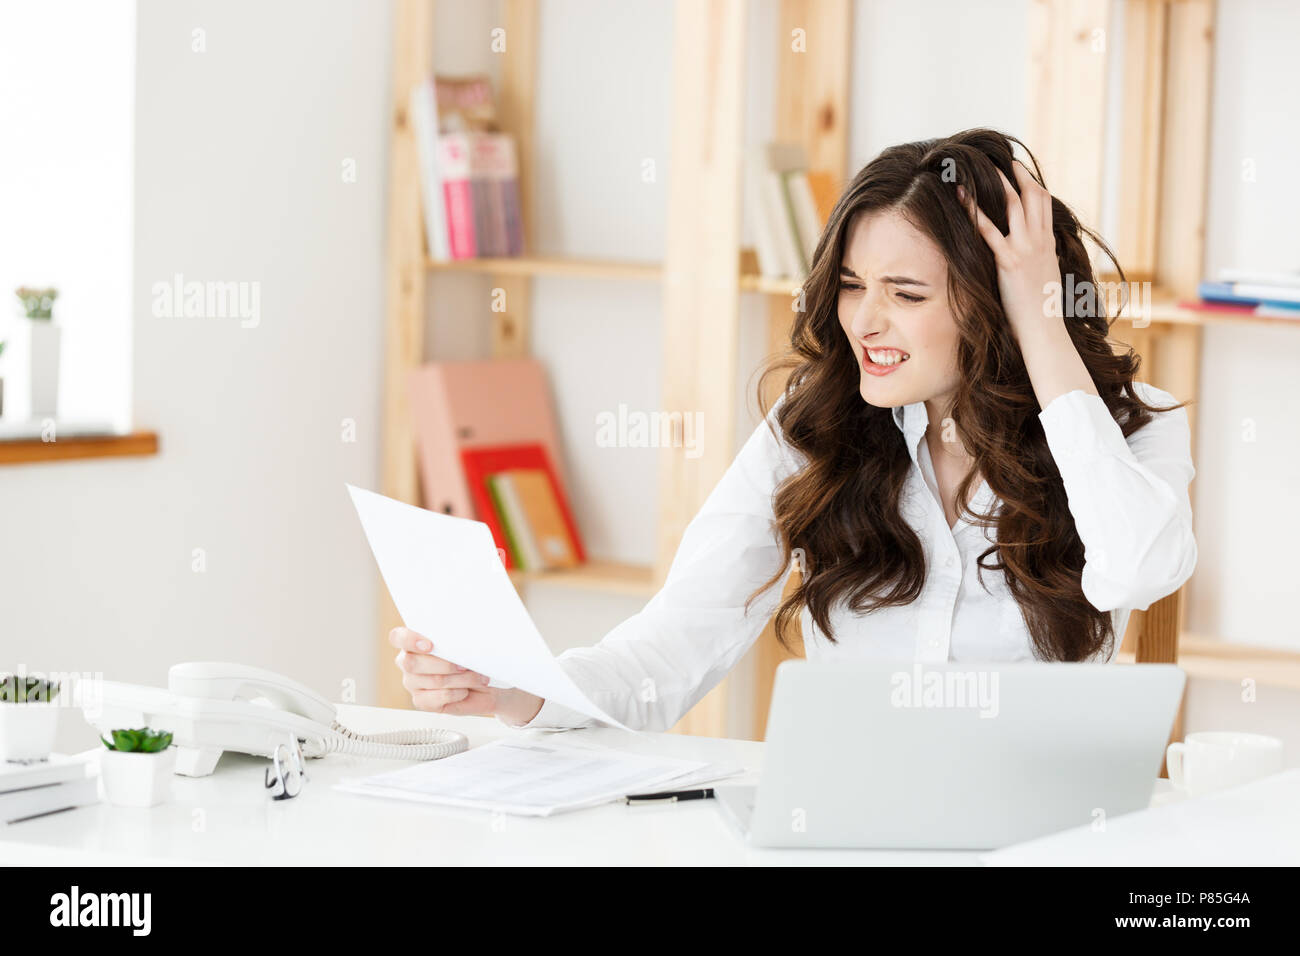 Inquiet a souligné enfoncée office worker business woman. À la recherche désespérée et confus. Des mesures disciplinaires et de licenciement.Getting fired.Les problèmes au travail Photo Stock